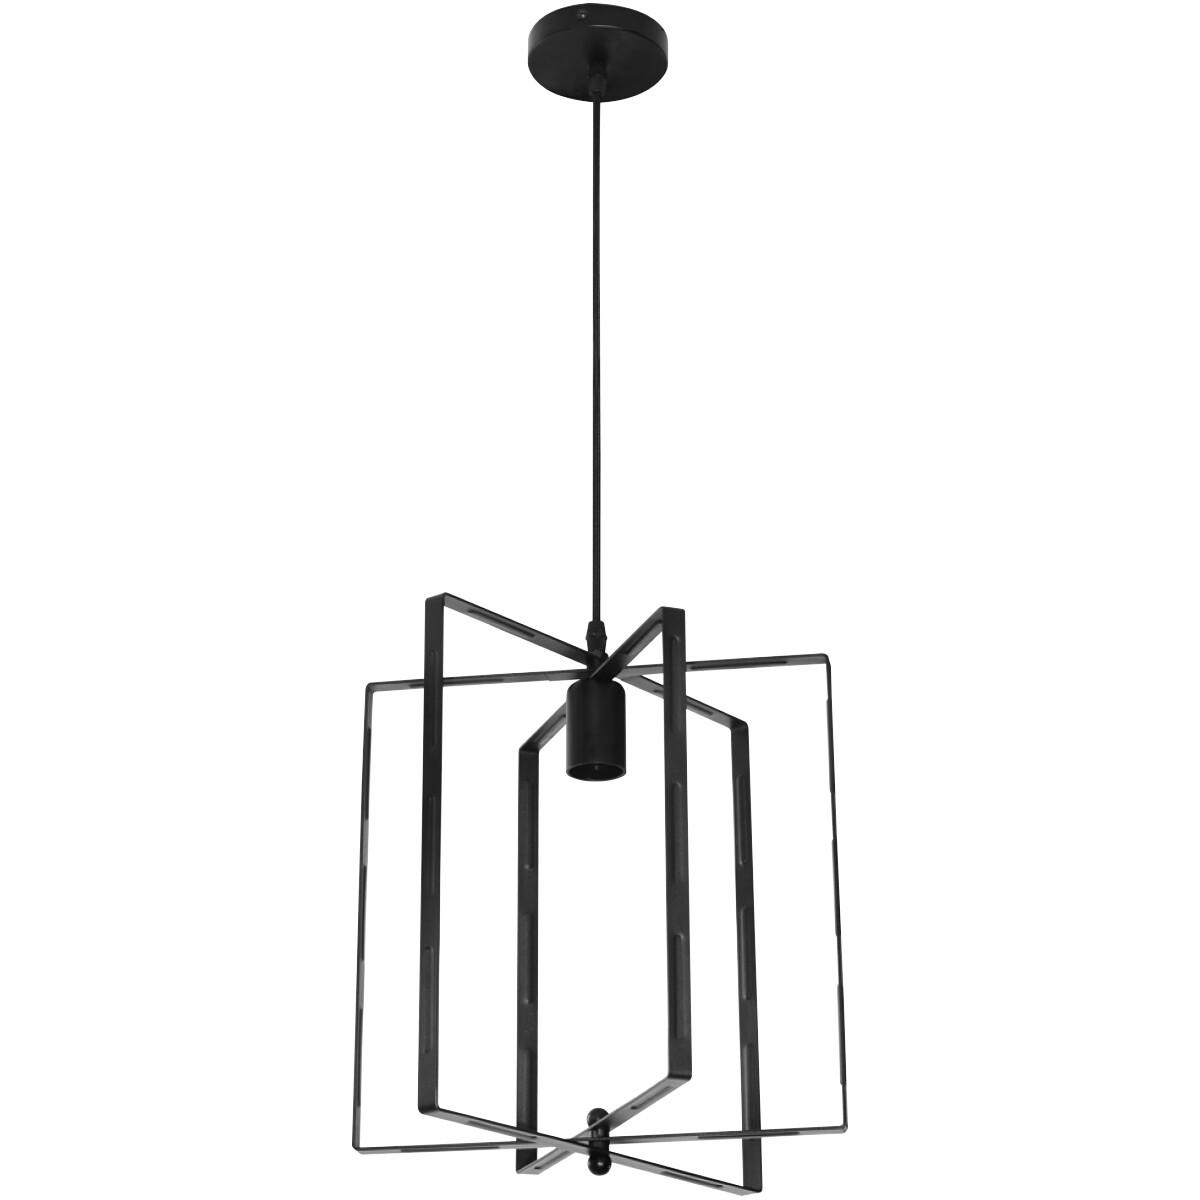 LED Plafondlamp - Plafondverlichting - Noby - Industrieel - Rond - Mat Zwart Aluminium - E27